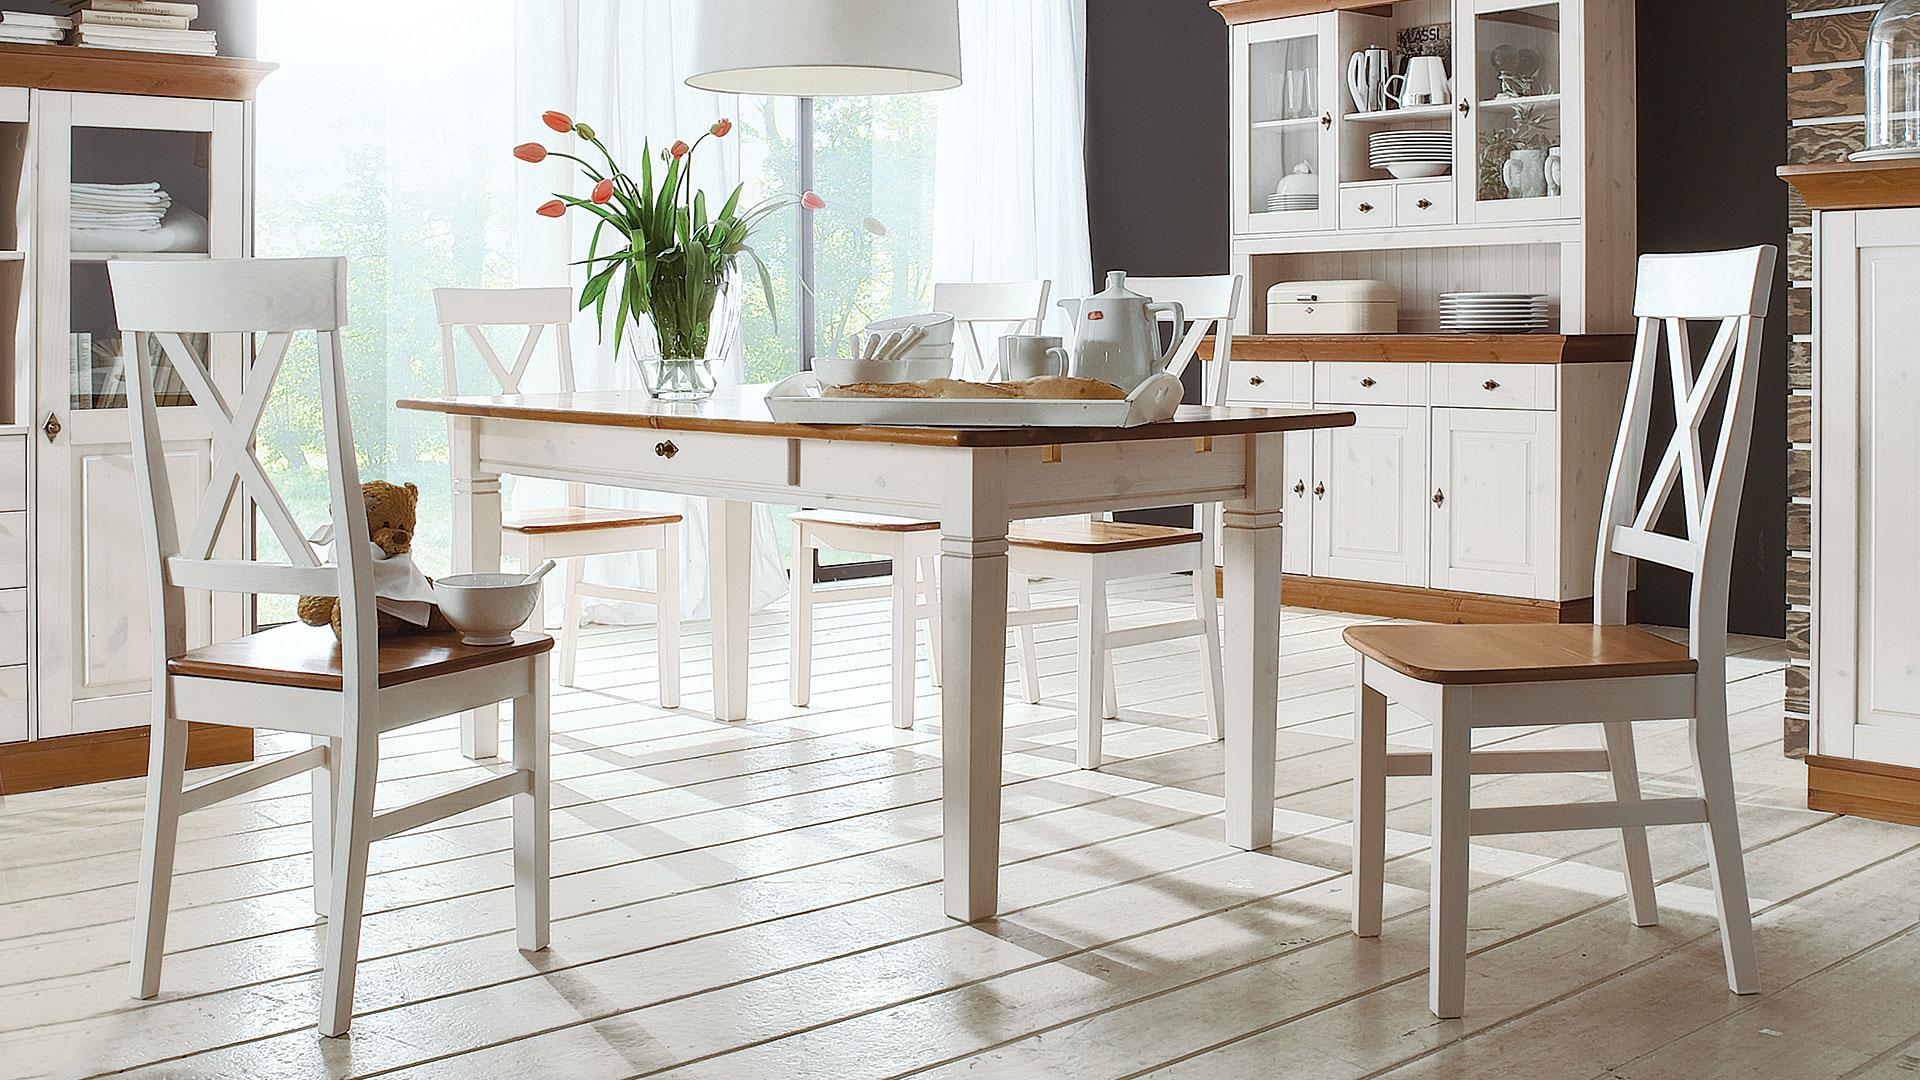 Gemütlich Küchentisch Setzt Uk Zeitgenössisch - Ideen Für Die Küche ...